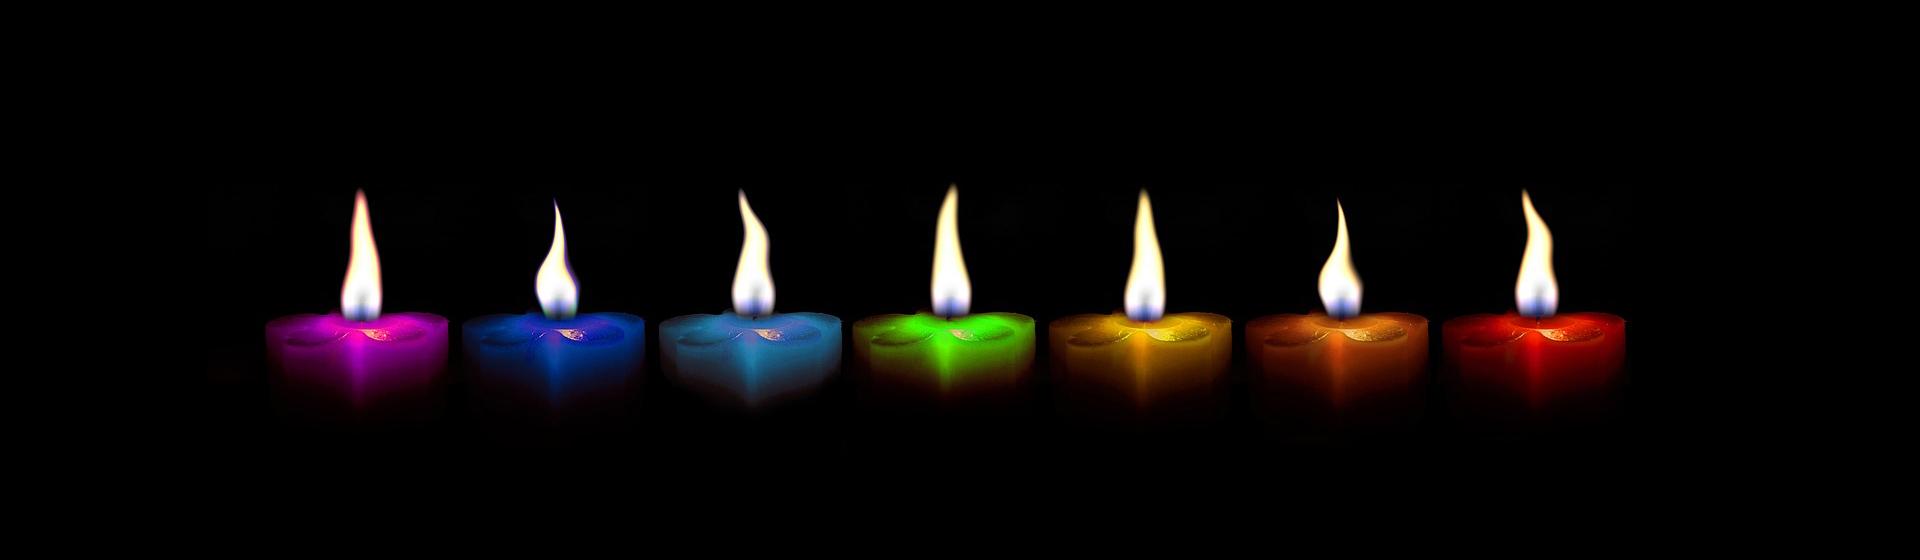 Bougies aux couleurs des chakras